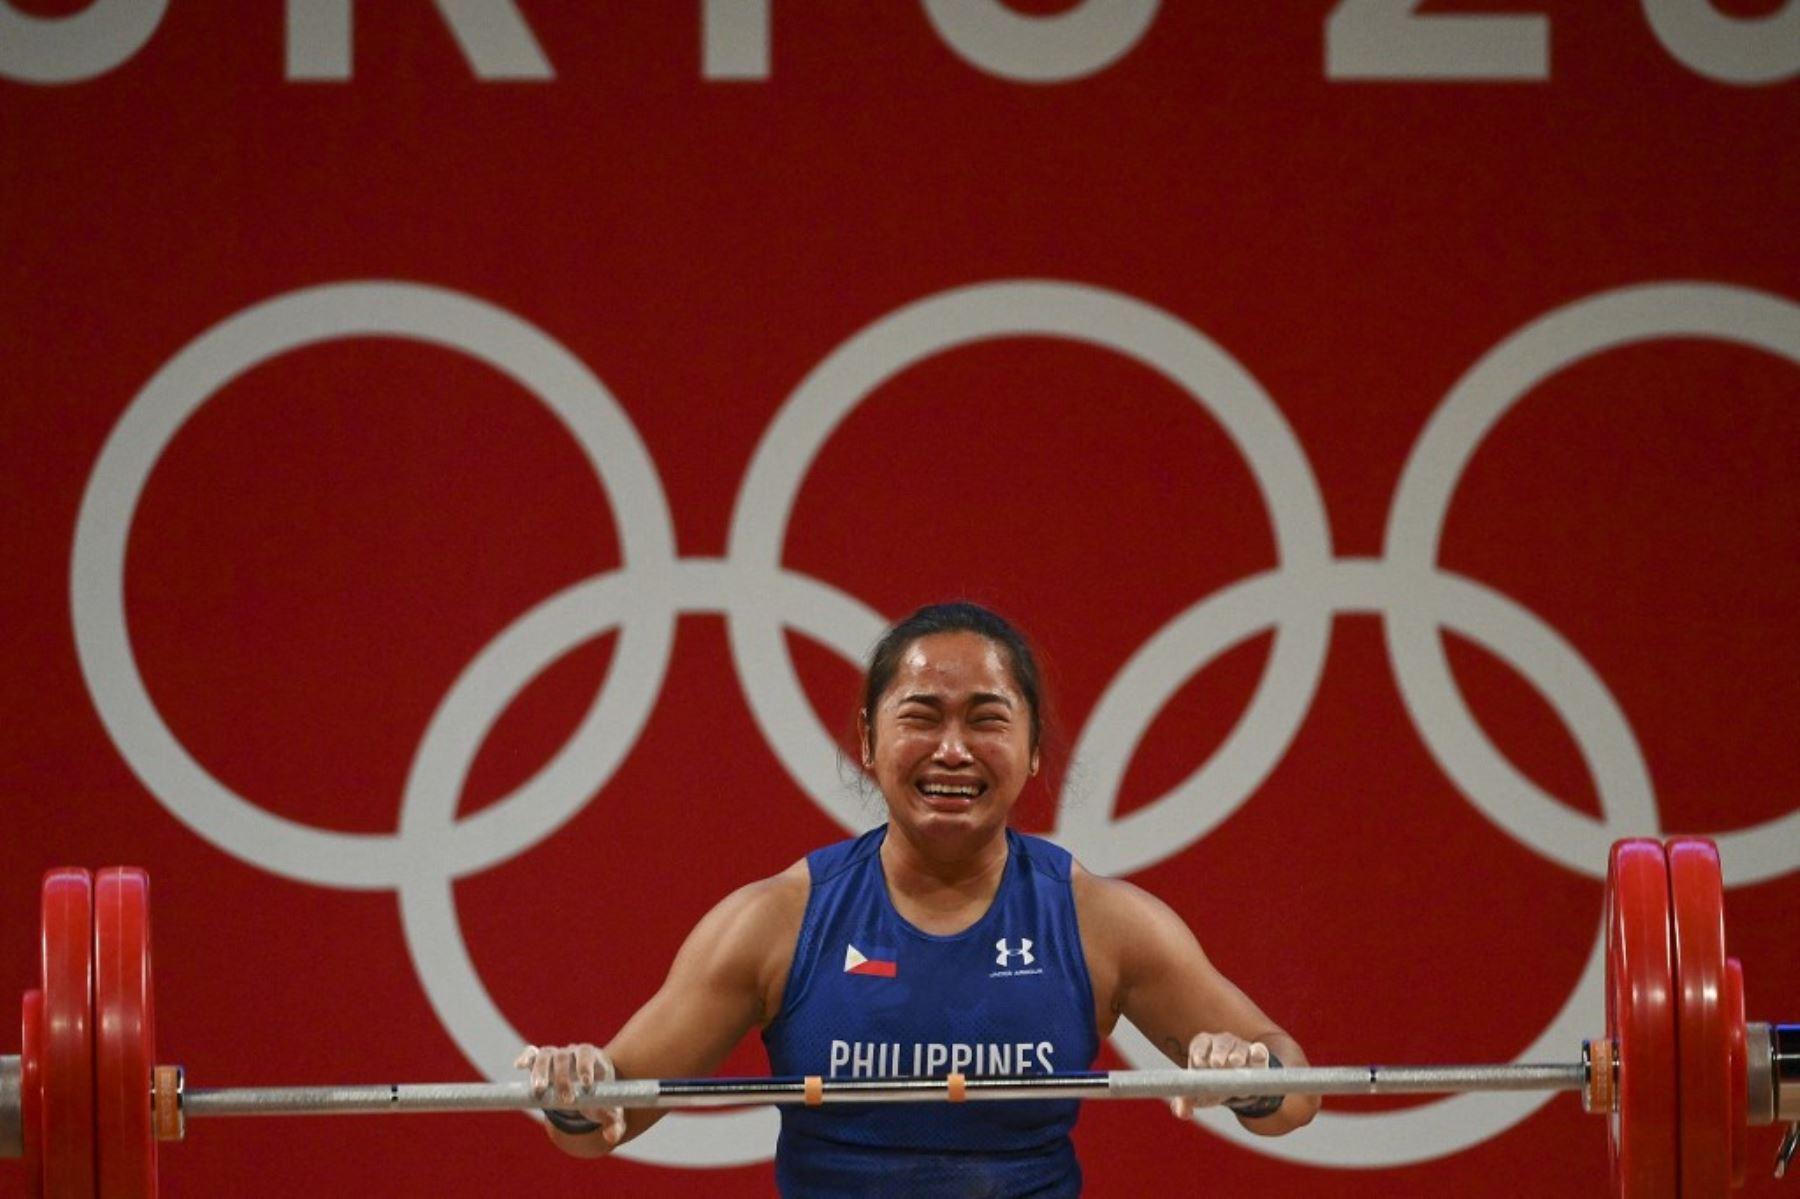 La filipina Hidilyn Díaz reacciona con llanto la obtención de su medalla histórica